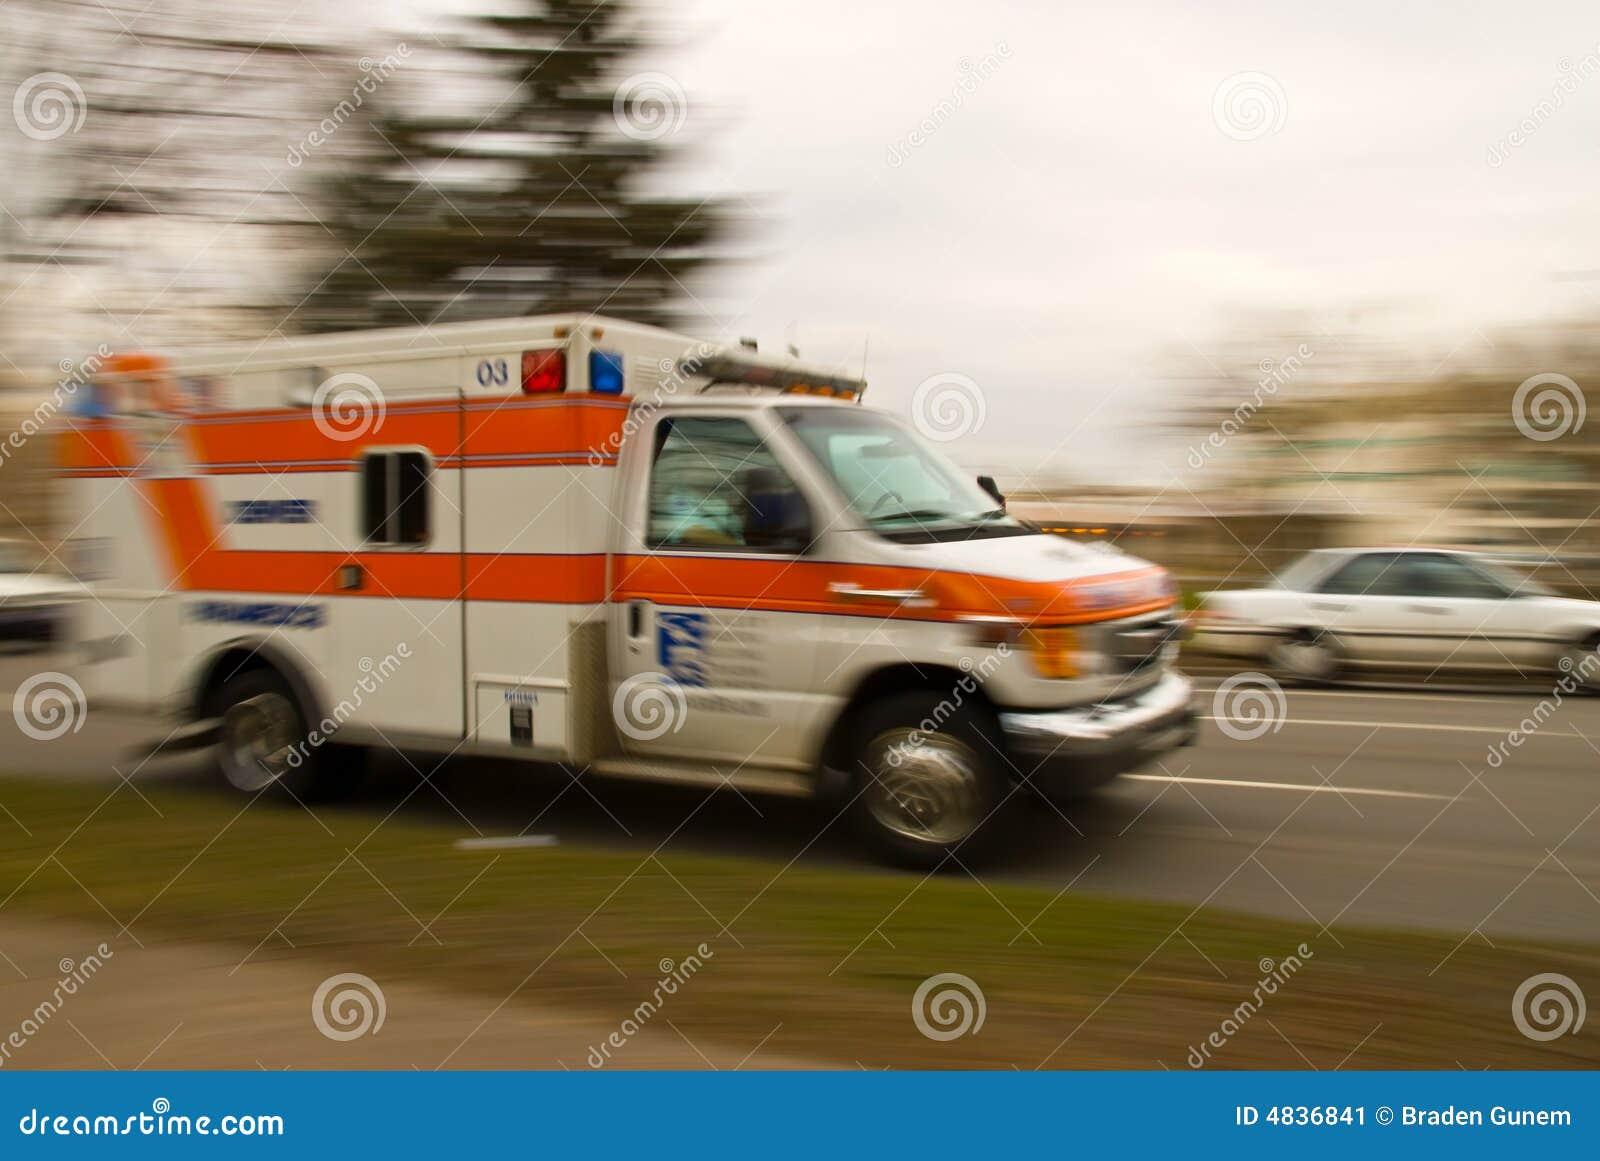 Emergencia: Paciente caiga apagado